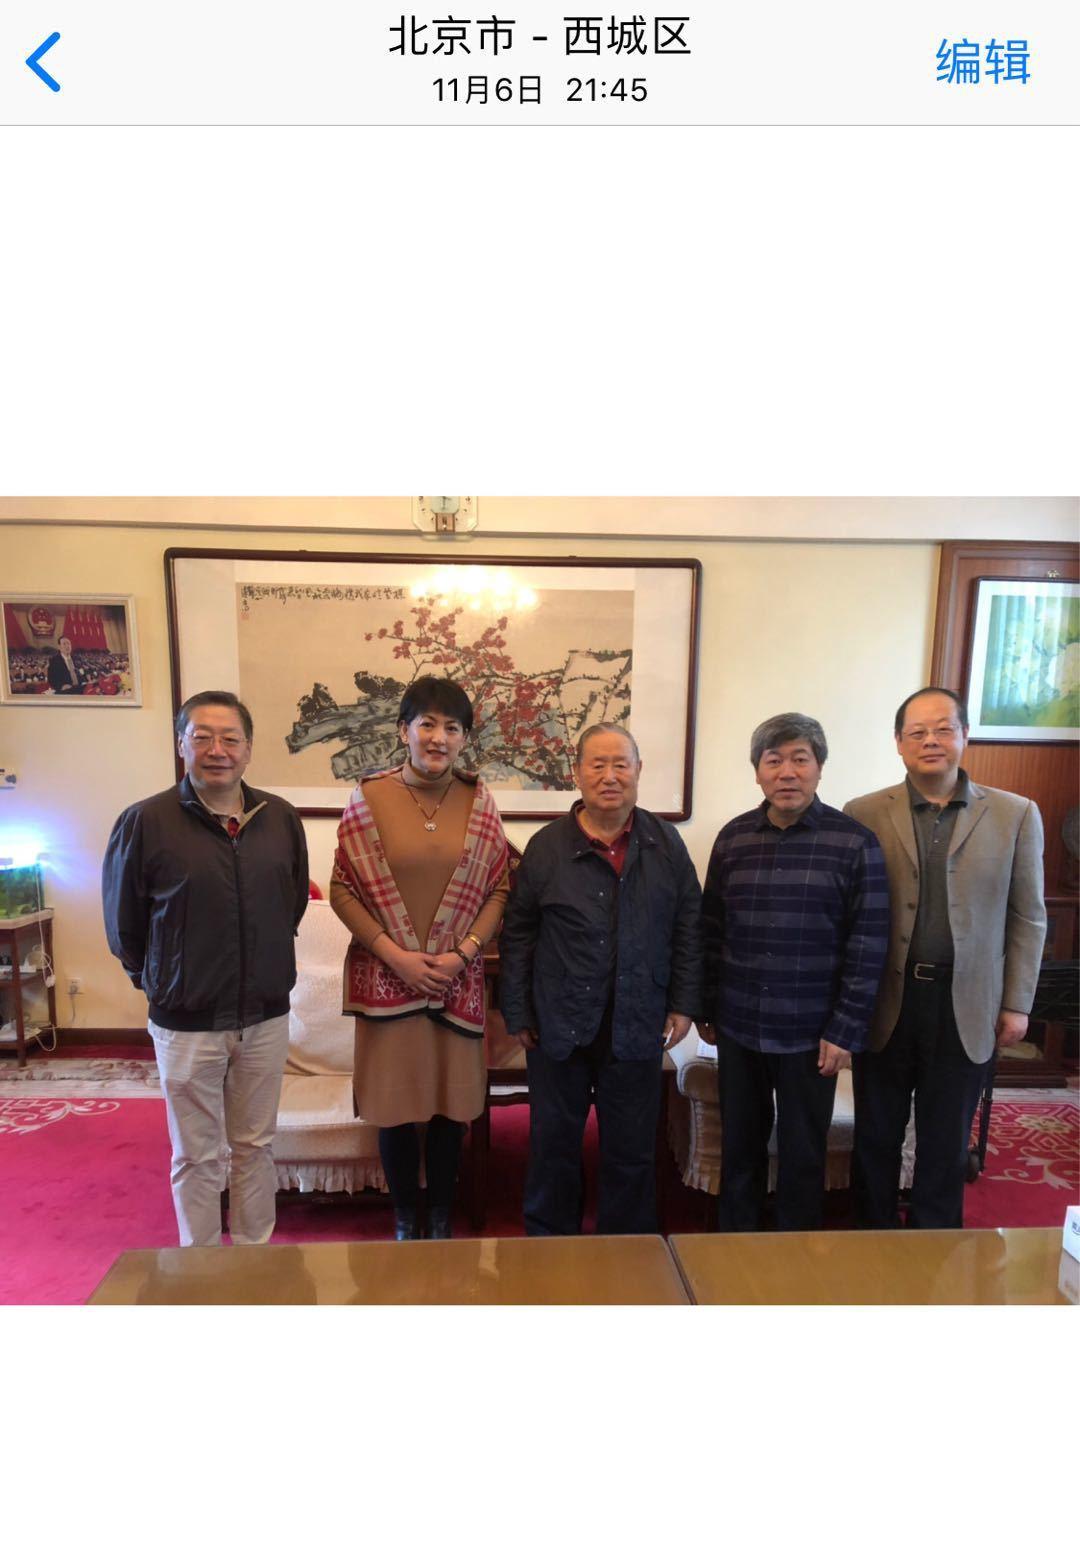 中國前副總理姜春云之前因一張照片被報定居美國,照片中的人出面澄清。記者朱蕾/翻攝